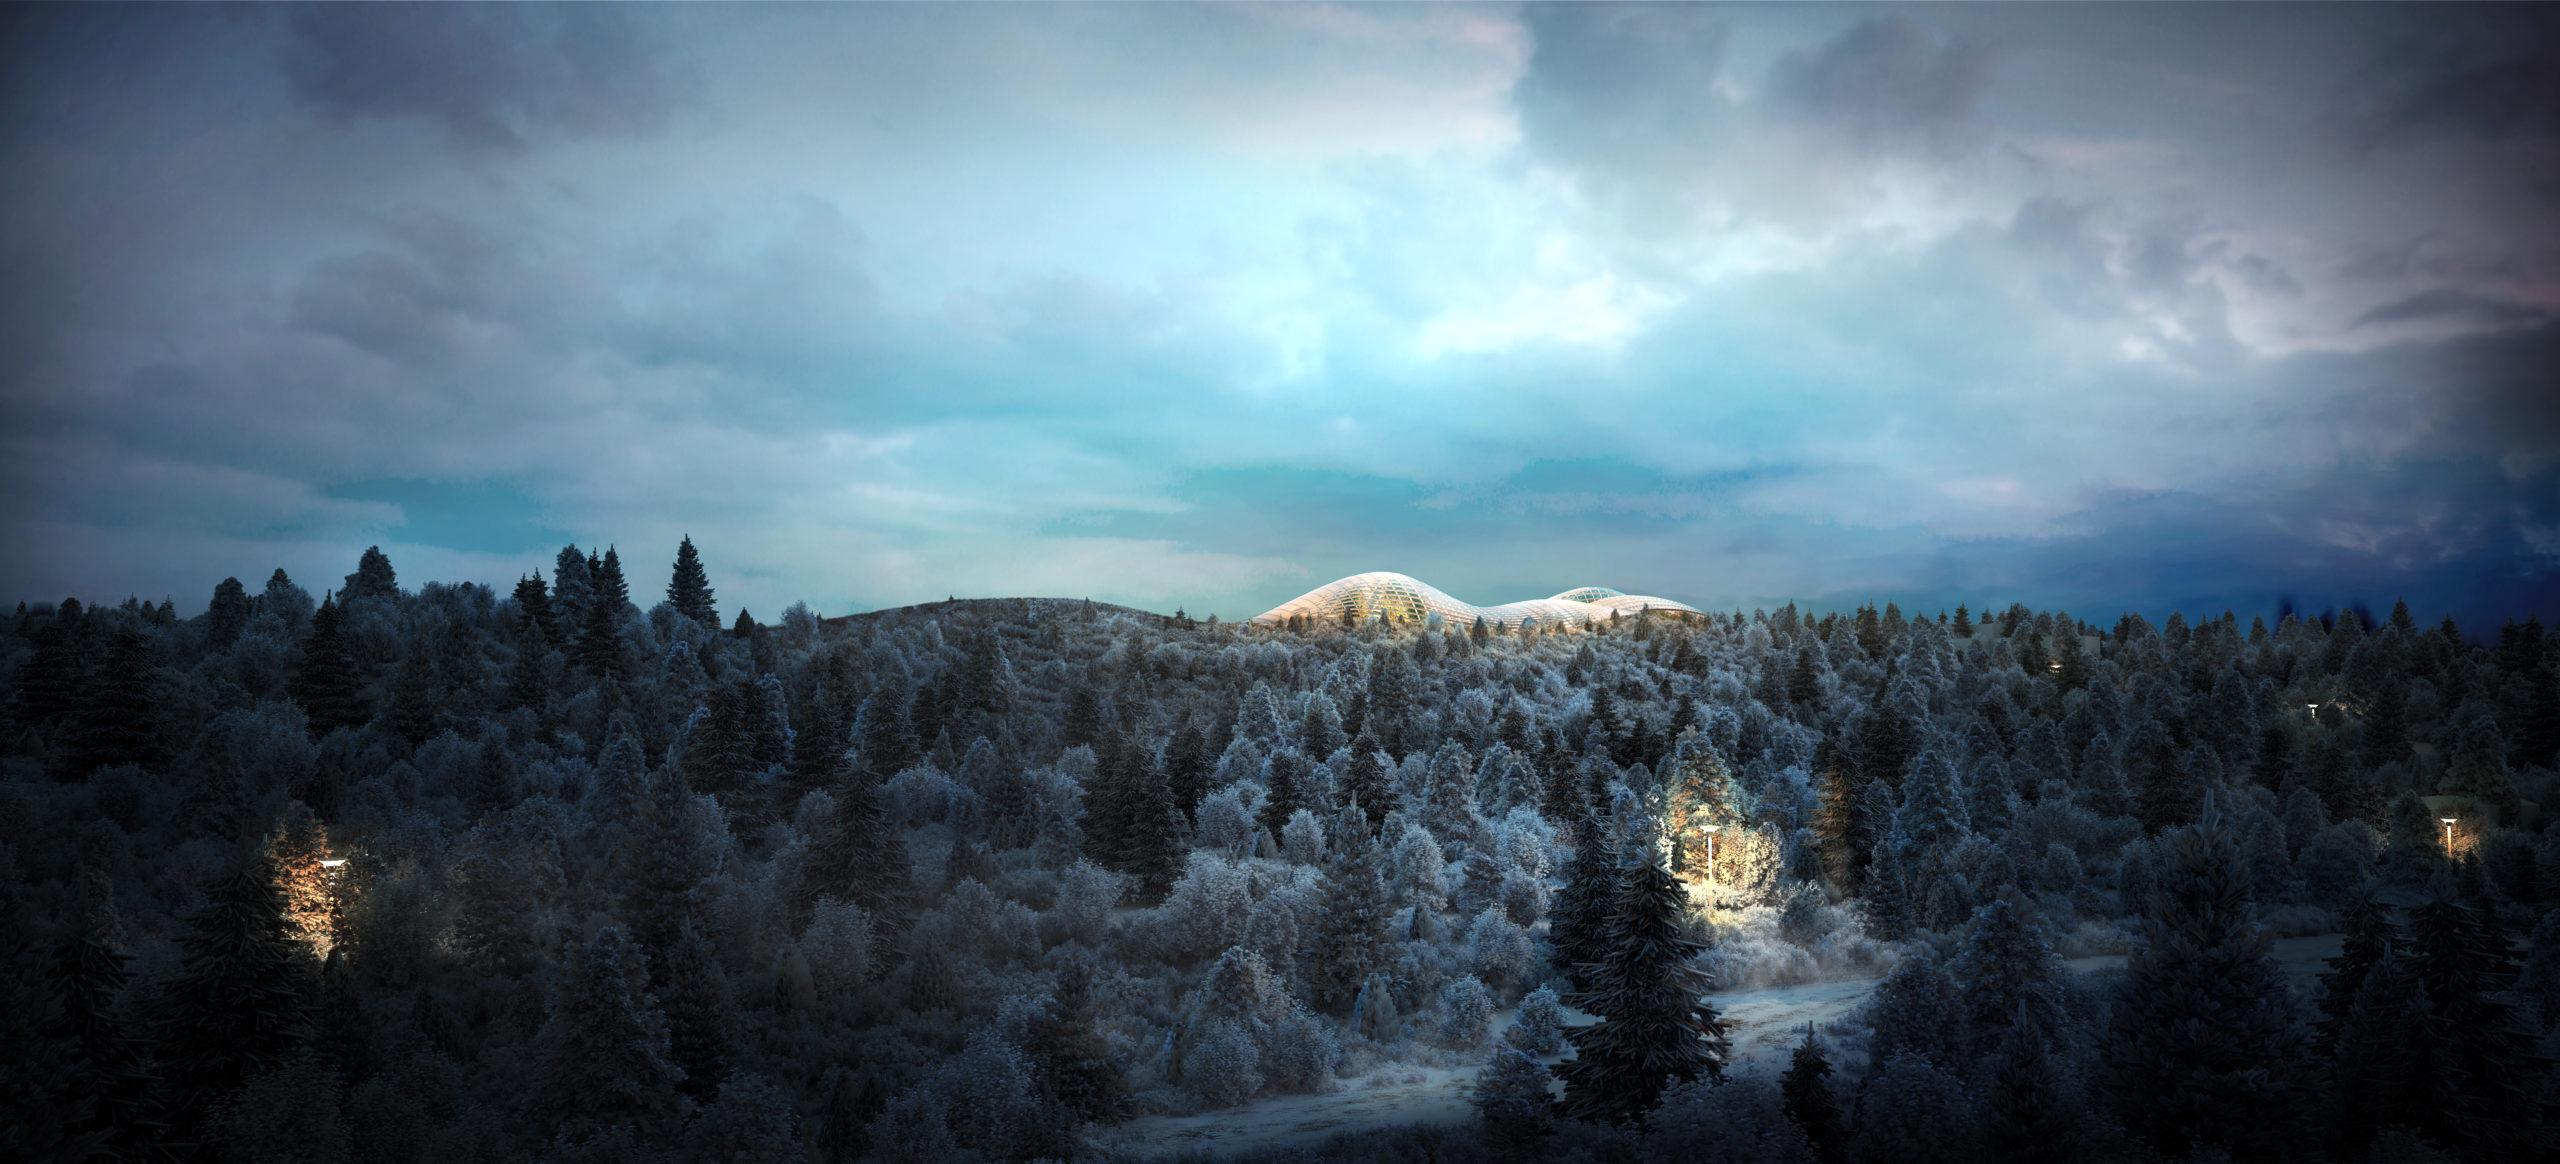 ALDIN Biodome Resort bioma islândia